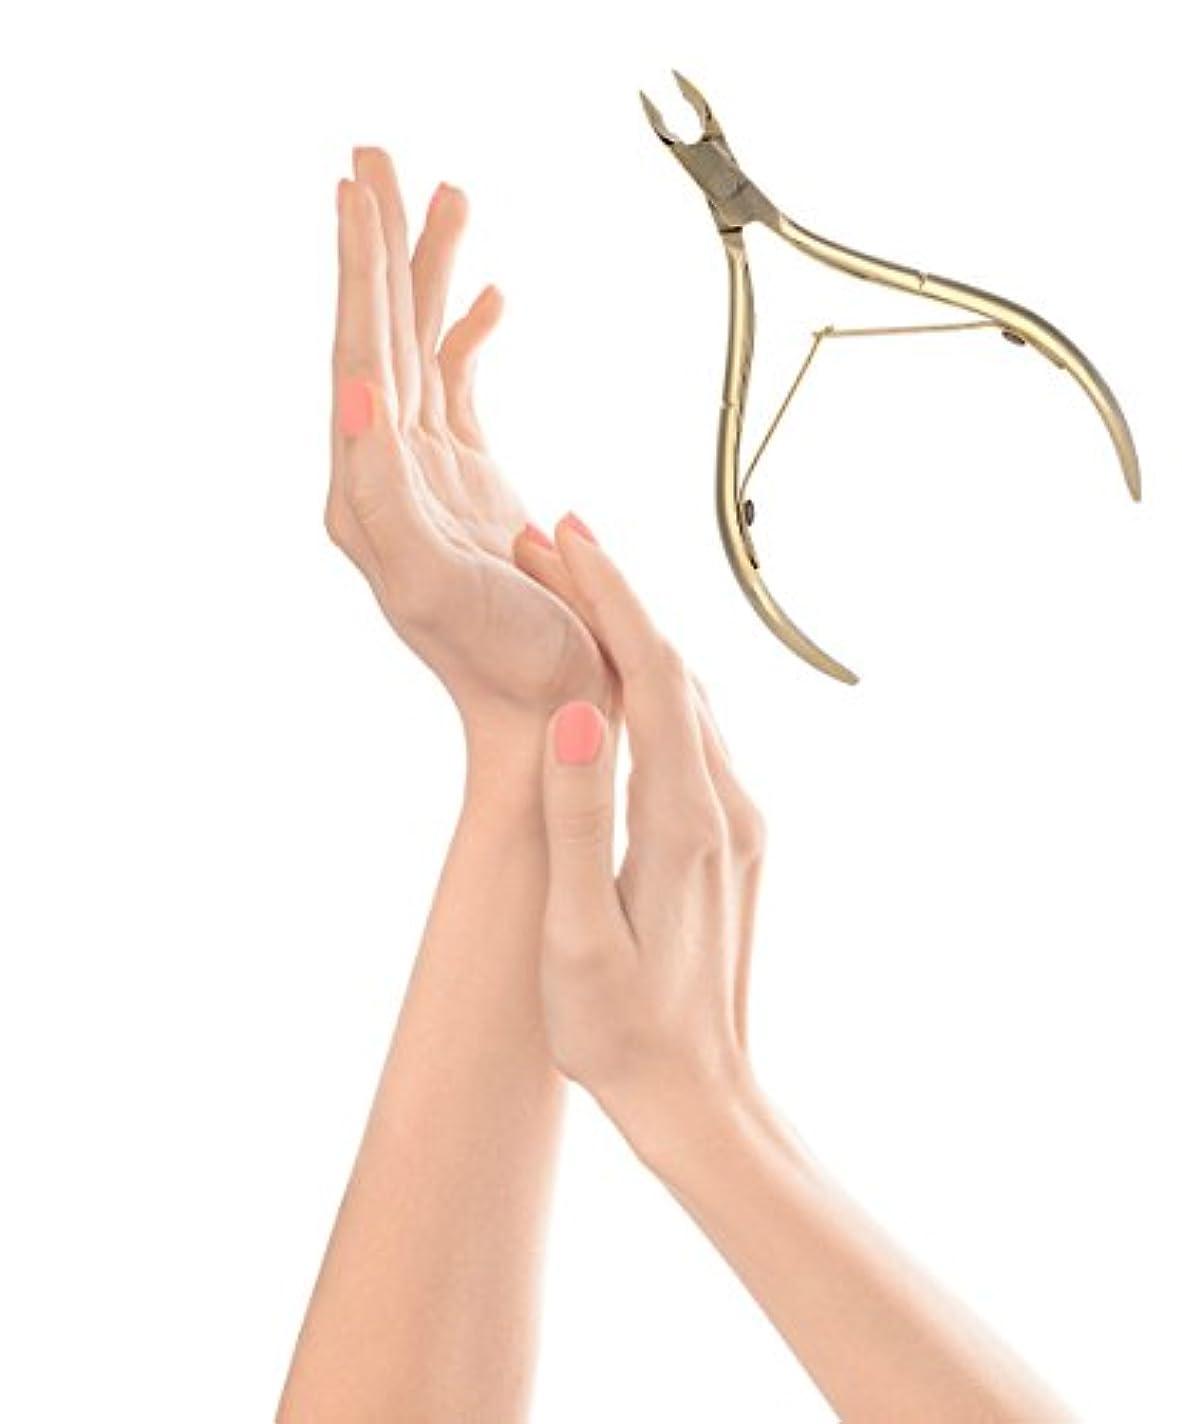 劇的前書き等しい爪切り ネイルケア ネイルマニキュアツール ステンレス鋼 快適で便利